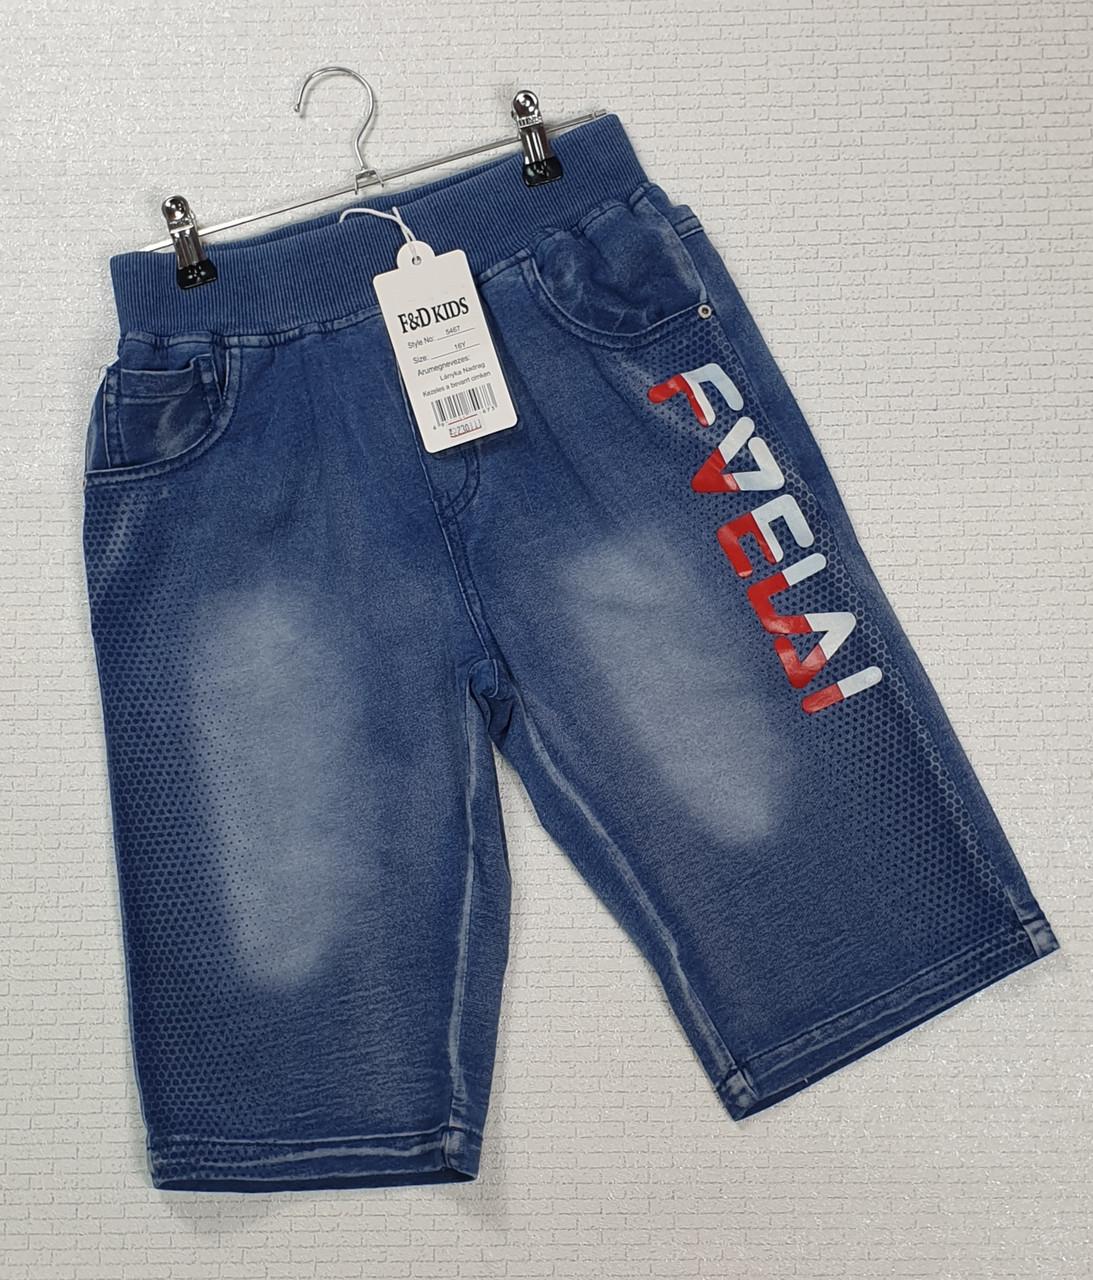 Шорти трикотажні під джинс для хлопчика 14 років,16 років